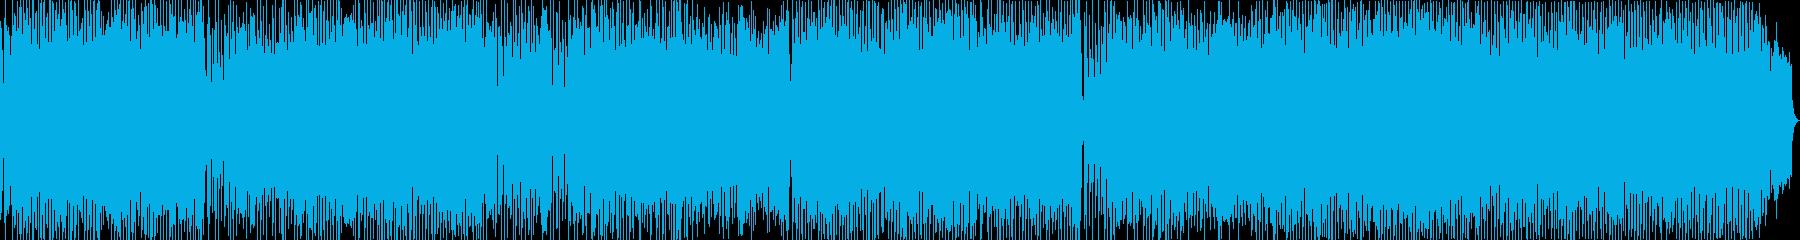 ほんわかした雰囲気の幻想的なポップスの再生済みの波形